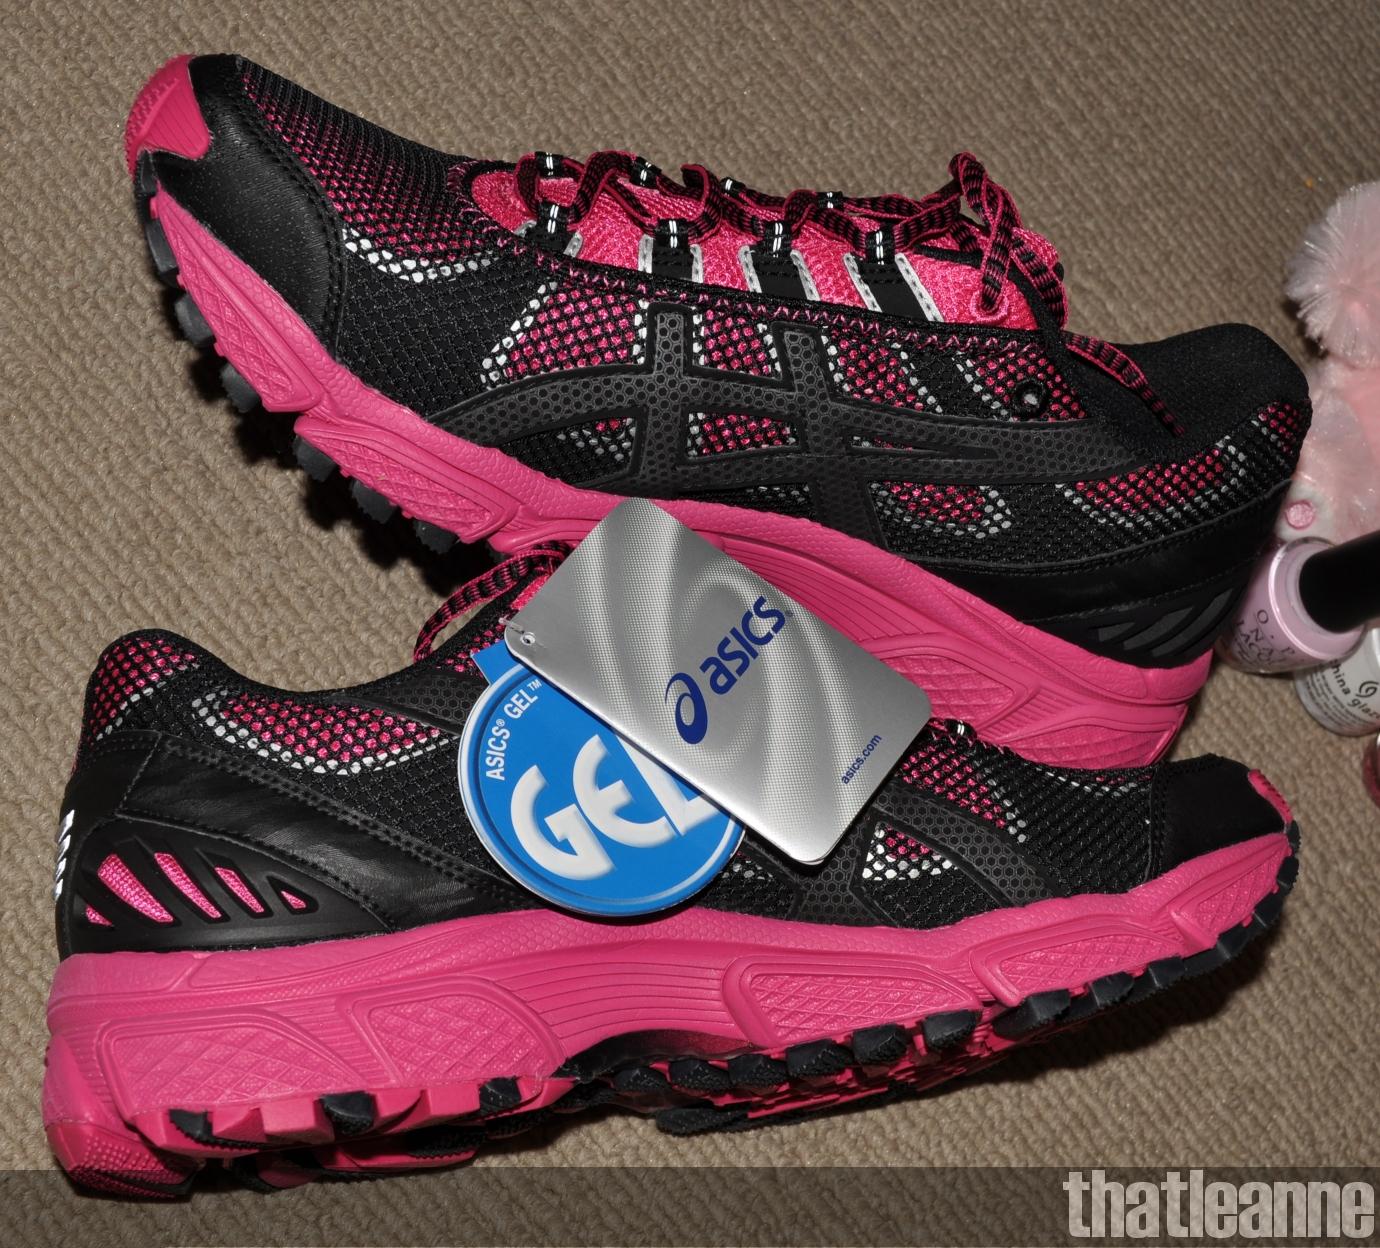 http://2.bp.blogspot.com/-0x24DlonTek/TZbxvHR2oDI/AAAAAAAABBc/f0_Wg75aBEk/s1600/hot+pink+shoesssssssssssss.jpg